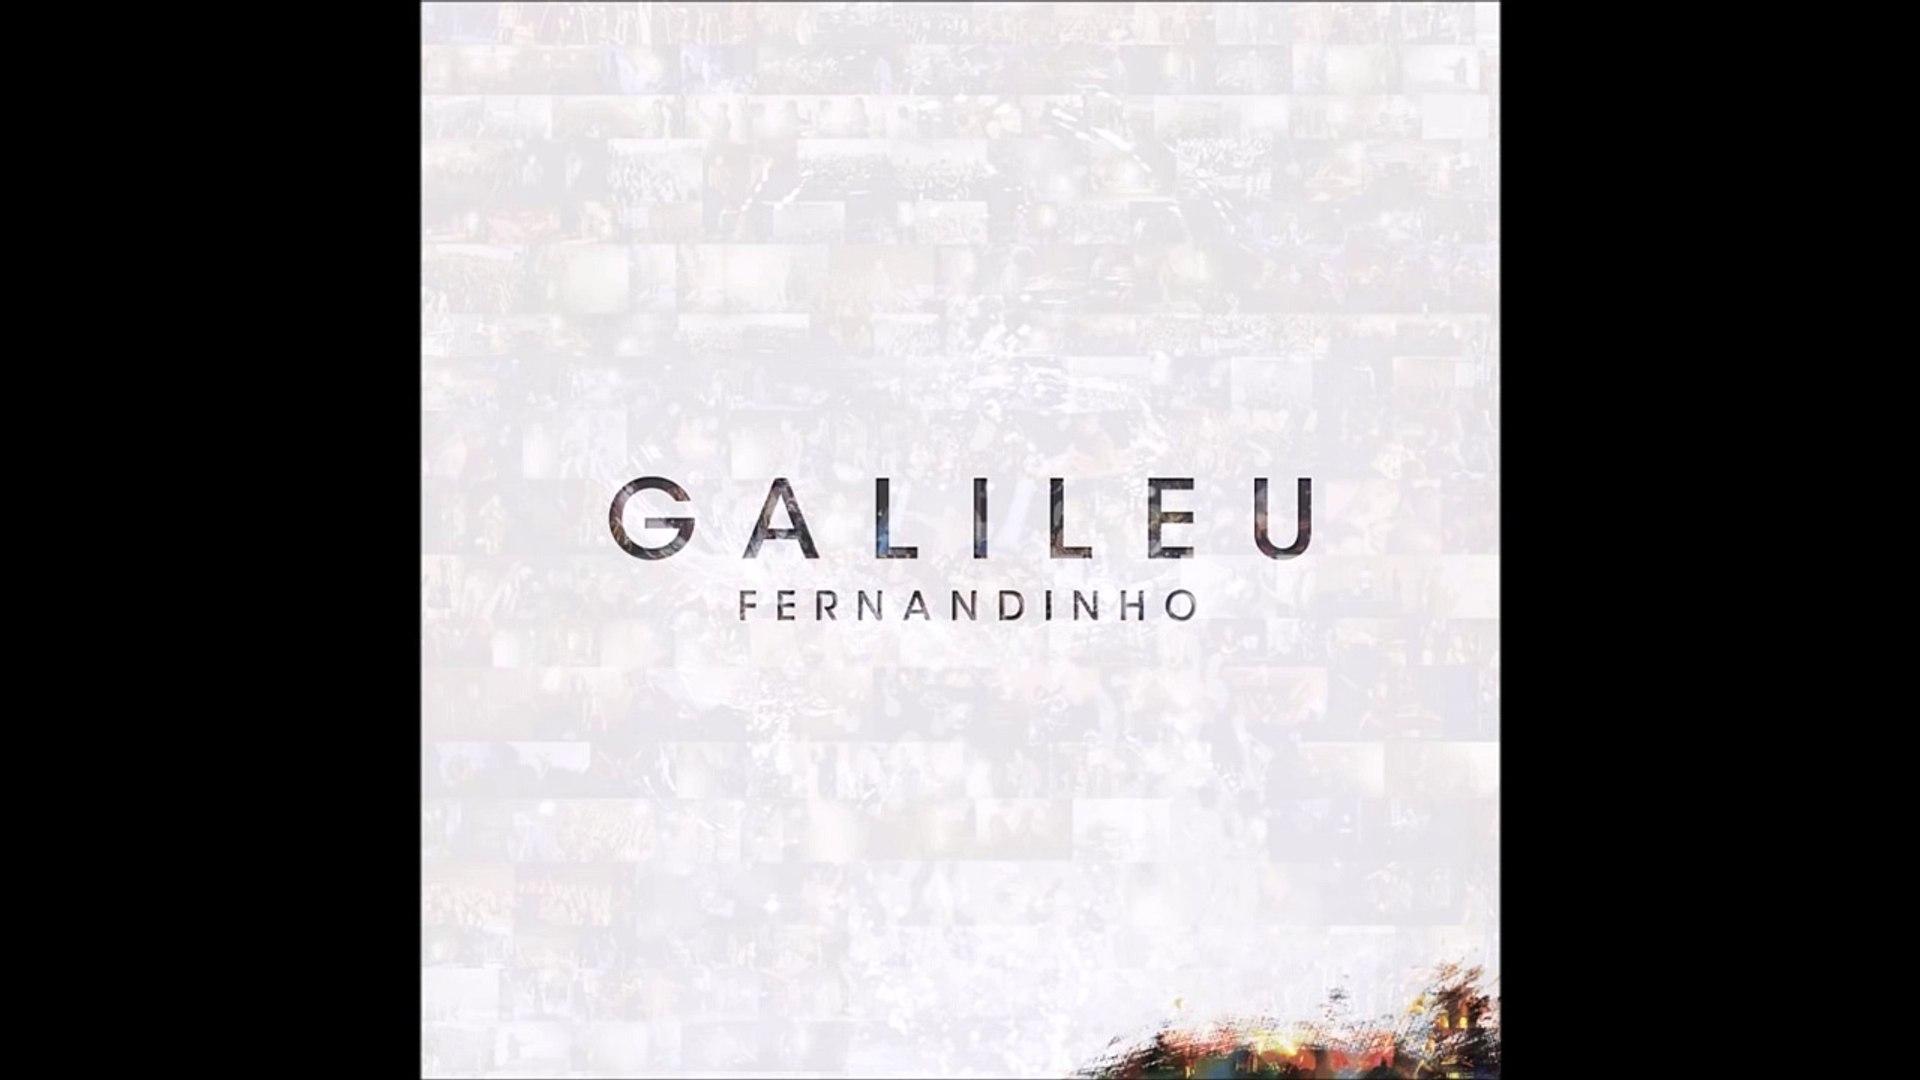 Fernandinho - Santa euforia - CD Galileu - video Dailymotion